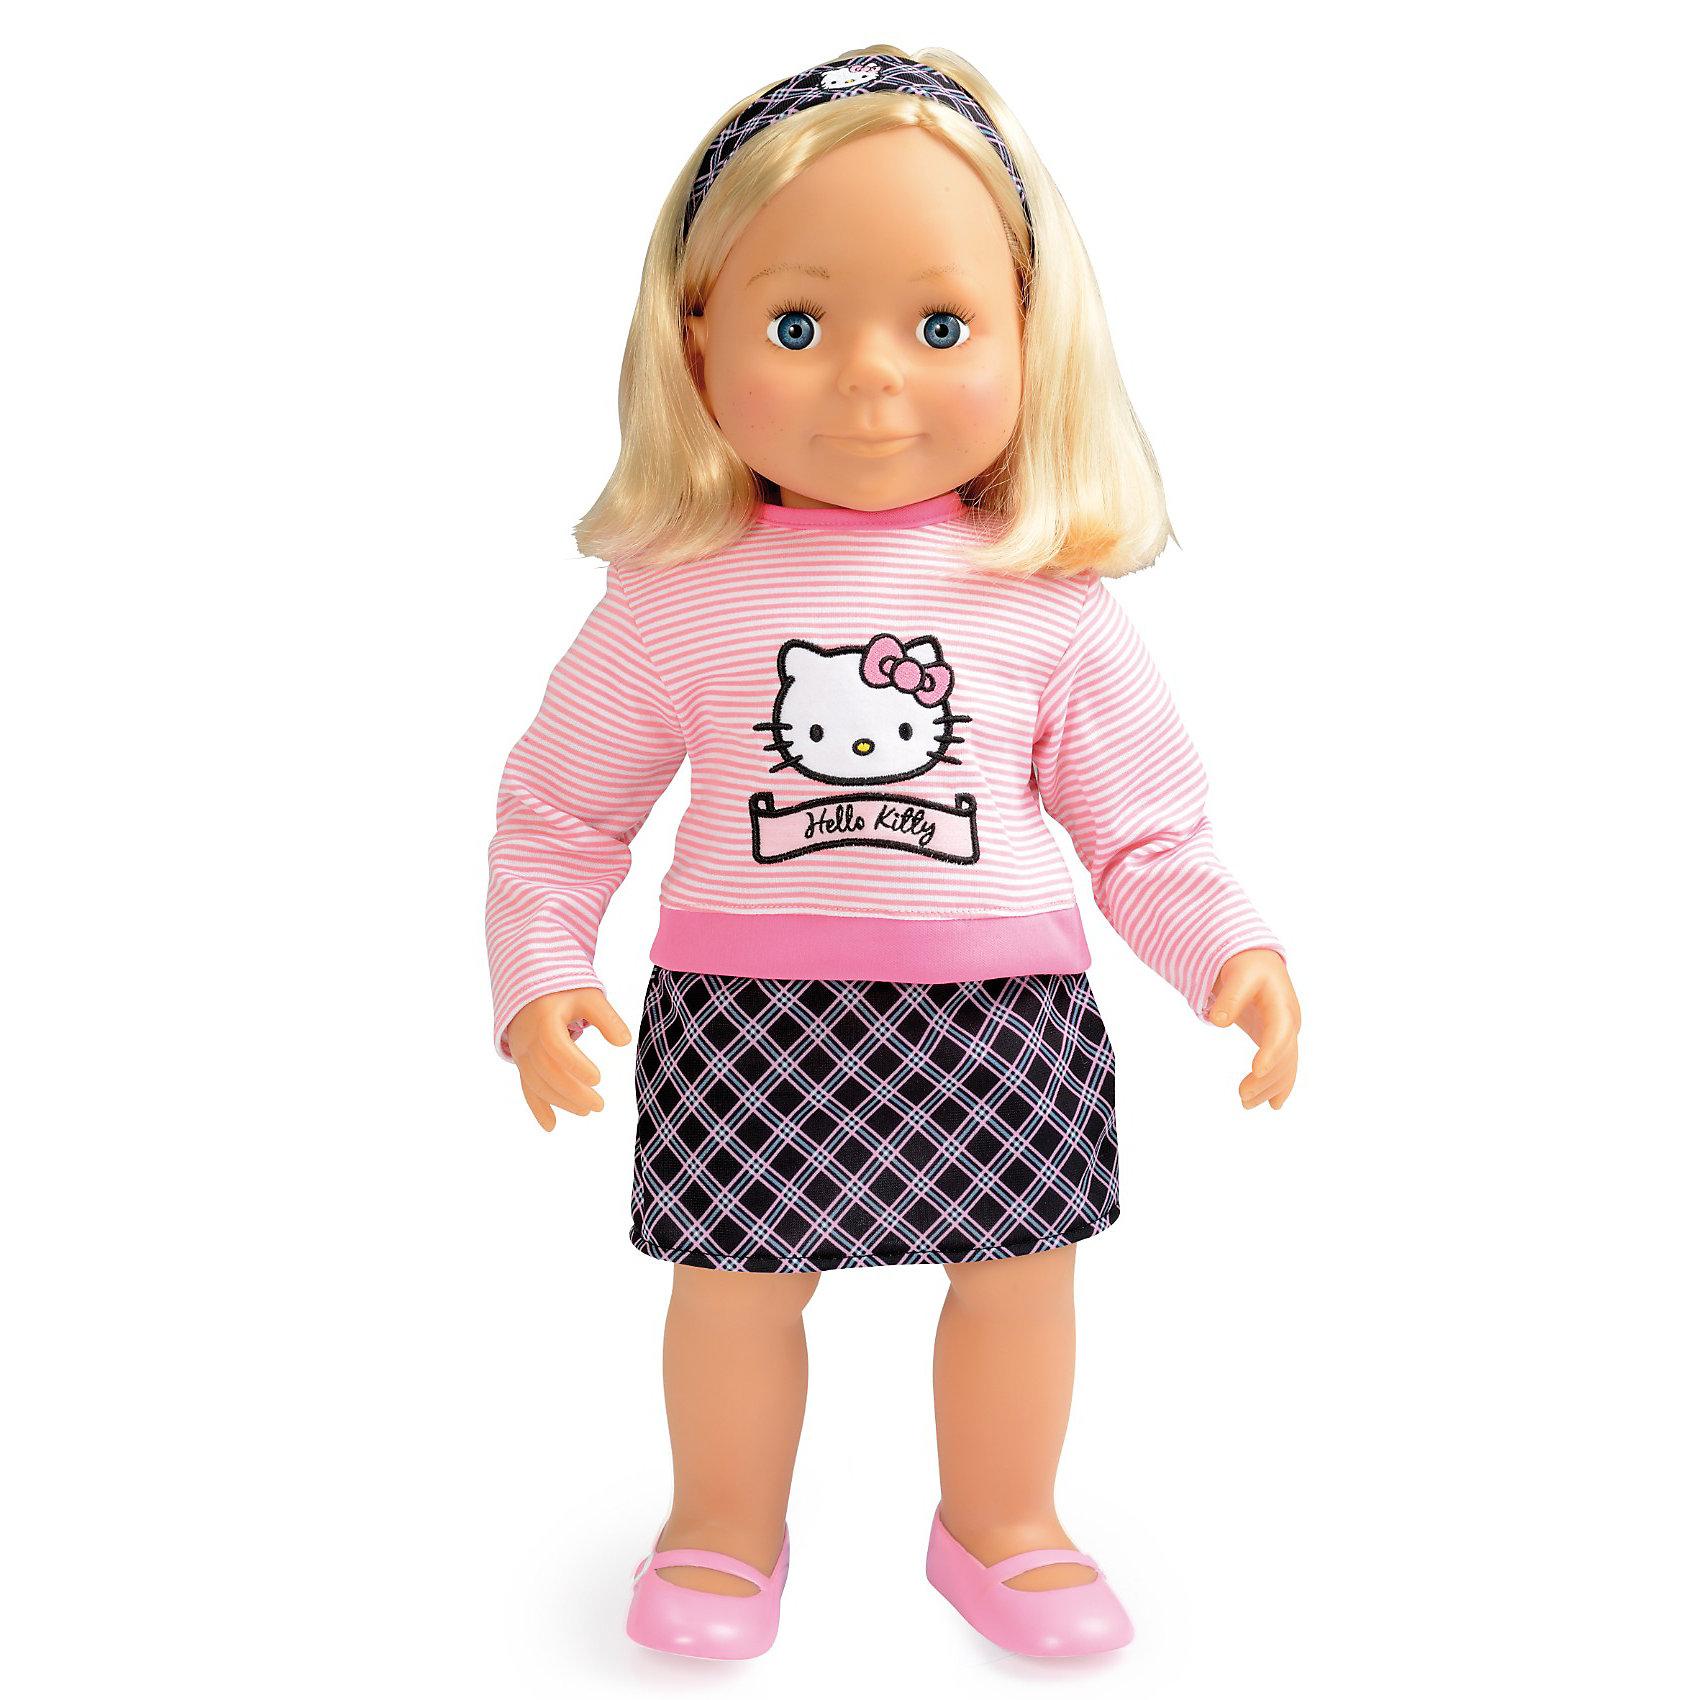 Кукла Эмма, 54 см, Smoby, Hello KittyПопулярные игрушки<br>Характеристики:<br><br>• высота куклы: 54 см;<br>• аксессуары: комплект одежды, расческа;<br>• материал: <br>• размер упаковки: <br><br>Большая куклы Эмма одета джемпер с изображением Hello Kitty и клетчатую юбочку, обута в сандалики. Нейлоновые волосы куколки можно расчесывать, плести Эмме различные прически. Глазки Эммы не закрываются. <br><br>Куклу Эмма, 54 см, Smoby, Hello Kitty можно купить в нашем магазине.<br><br>Ширина мм: 556<br>Глубина мм: 212<br>Высота мм: 153<br>Вес г: 1241<br>Возраст от месяцев: 36<br>Возраст до месяцев: 72<br>Пол: Женский<br>Возраст: Детский<br>SKU: 3231640